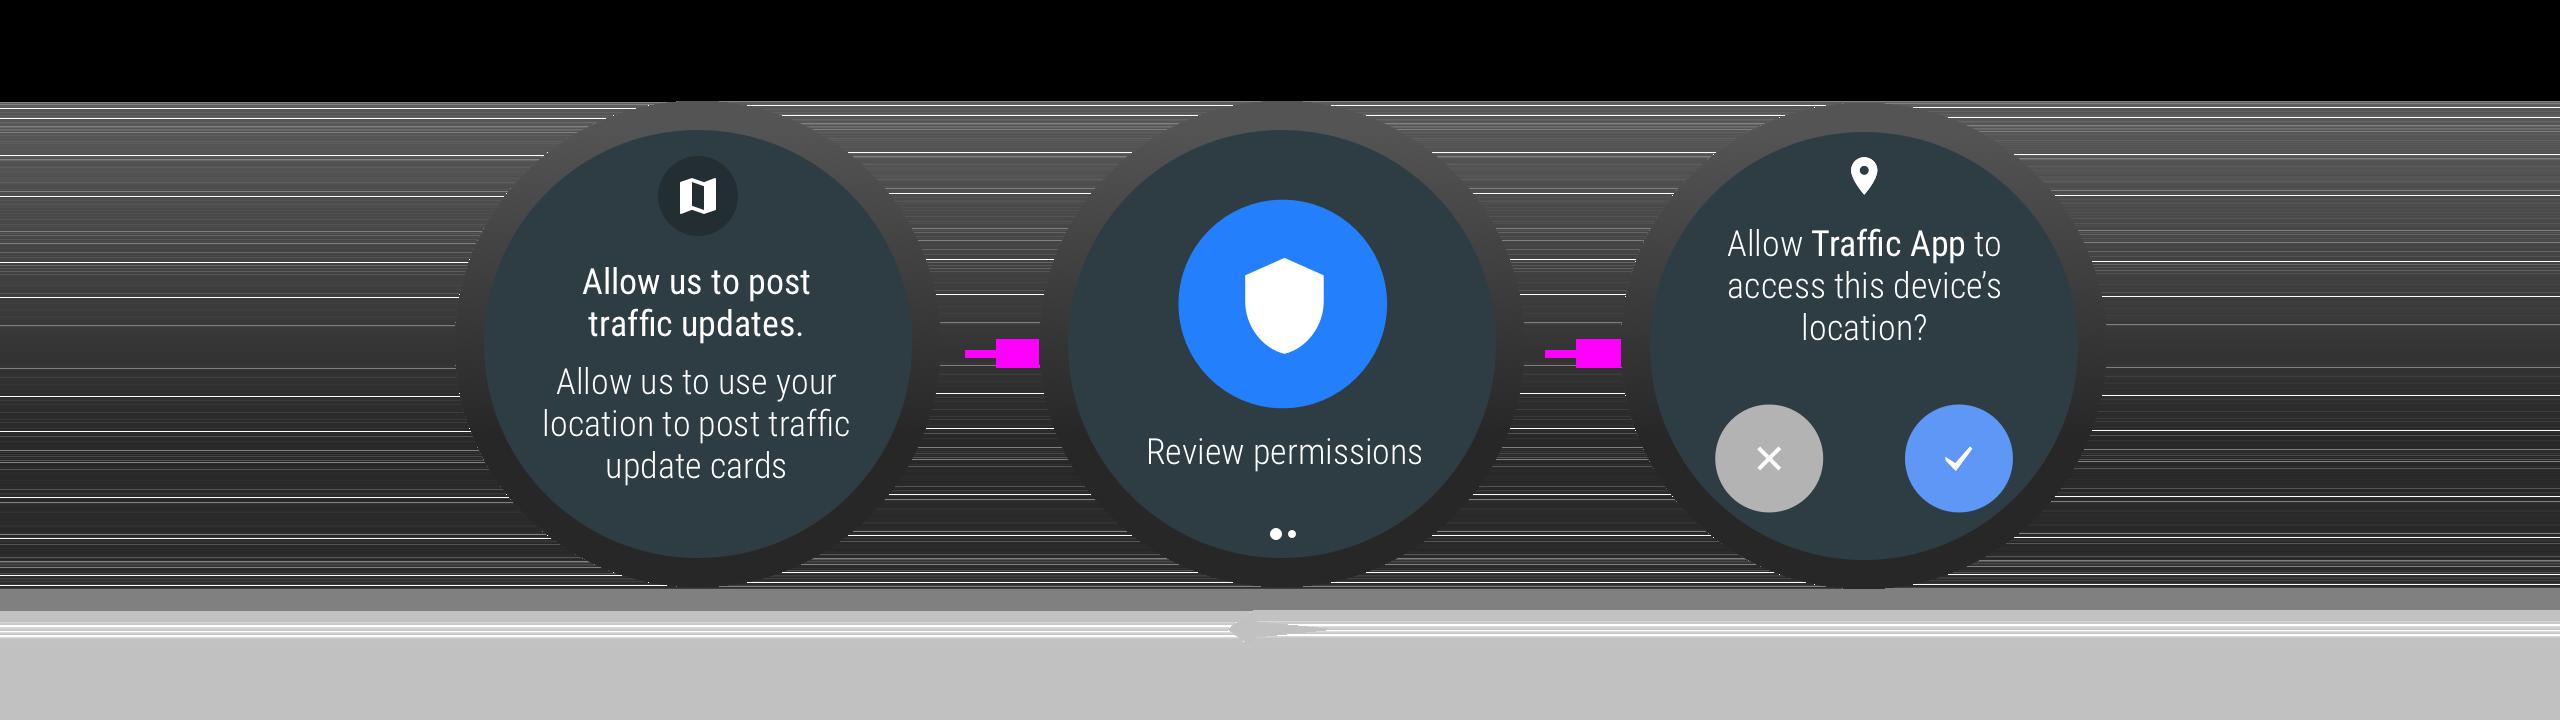 ユーザーがサービス経由で間接的にアプリを操作しているときに、パーミッションの付与が必要となる場合があります。